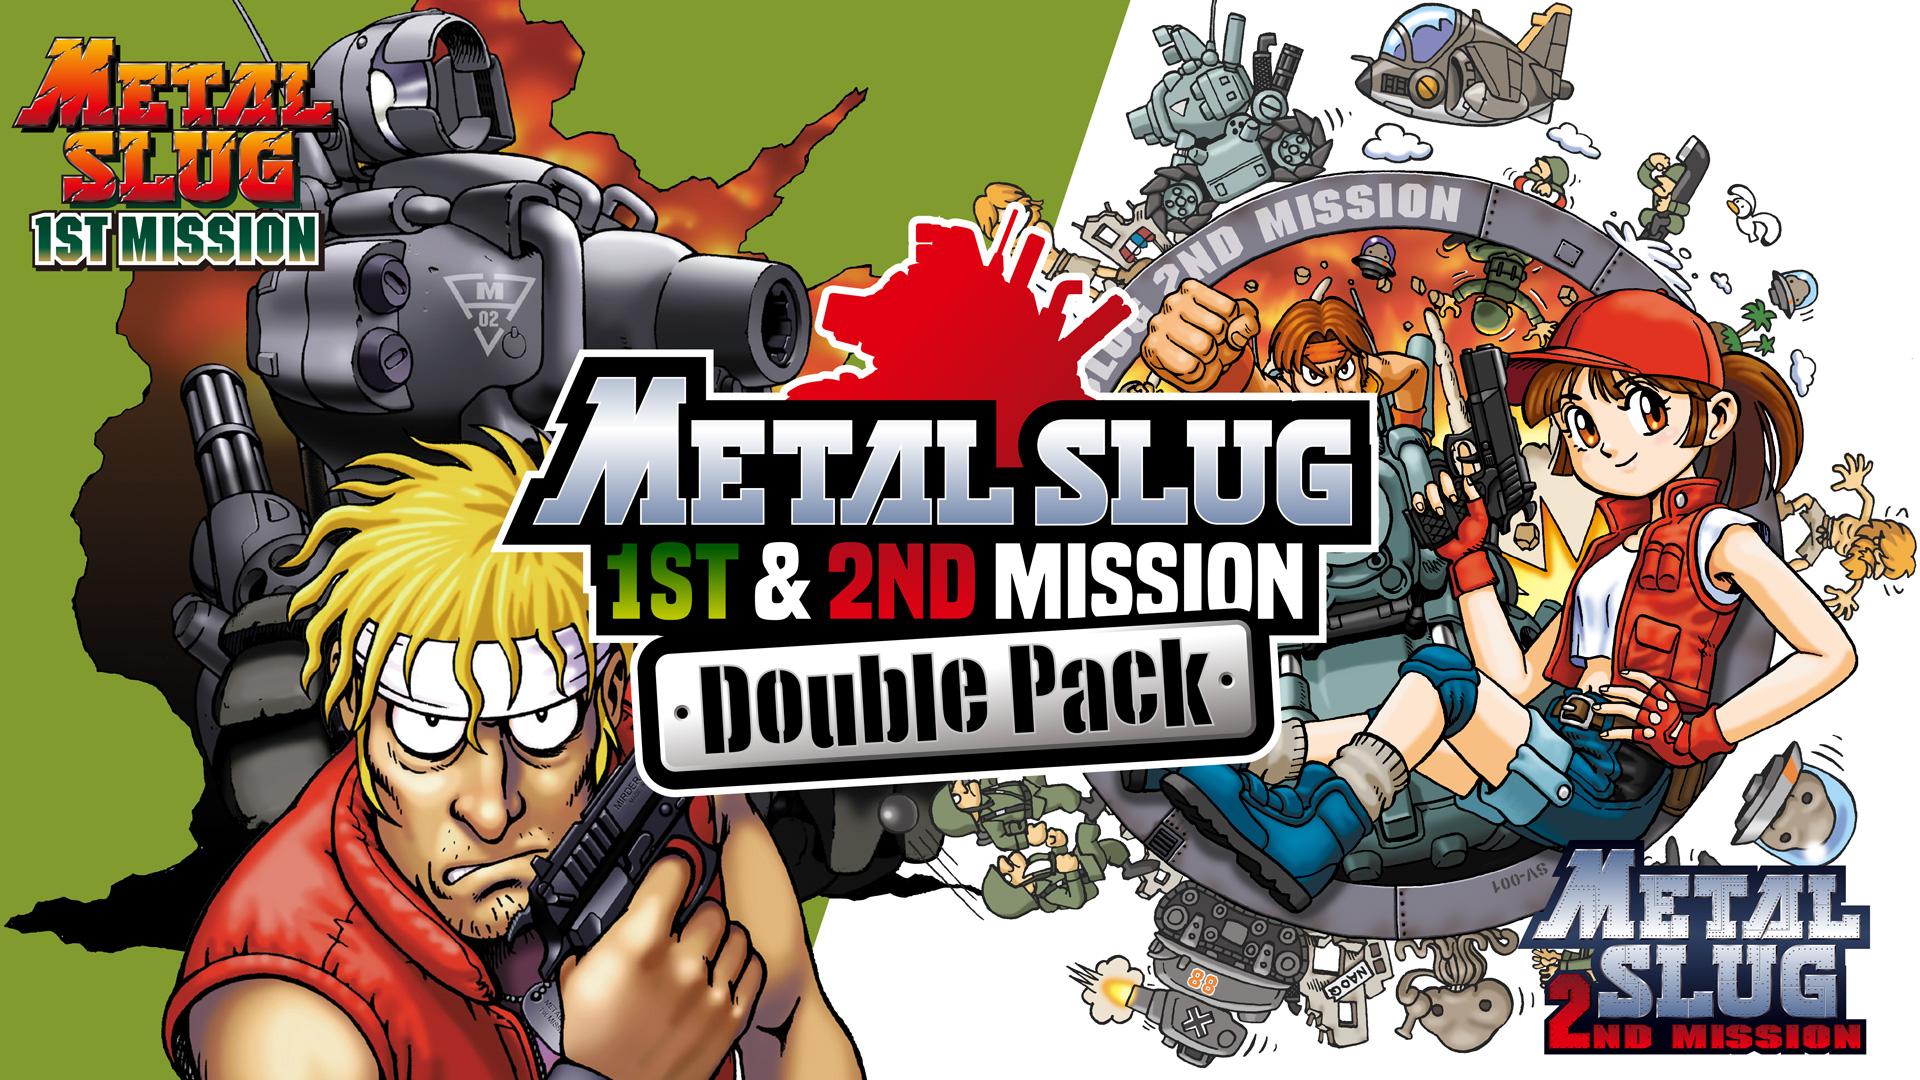 metal slug 1st & 2nd mission double pack